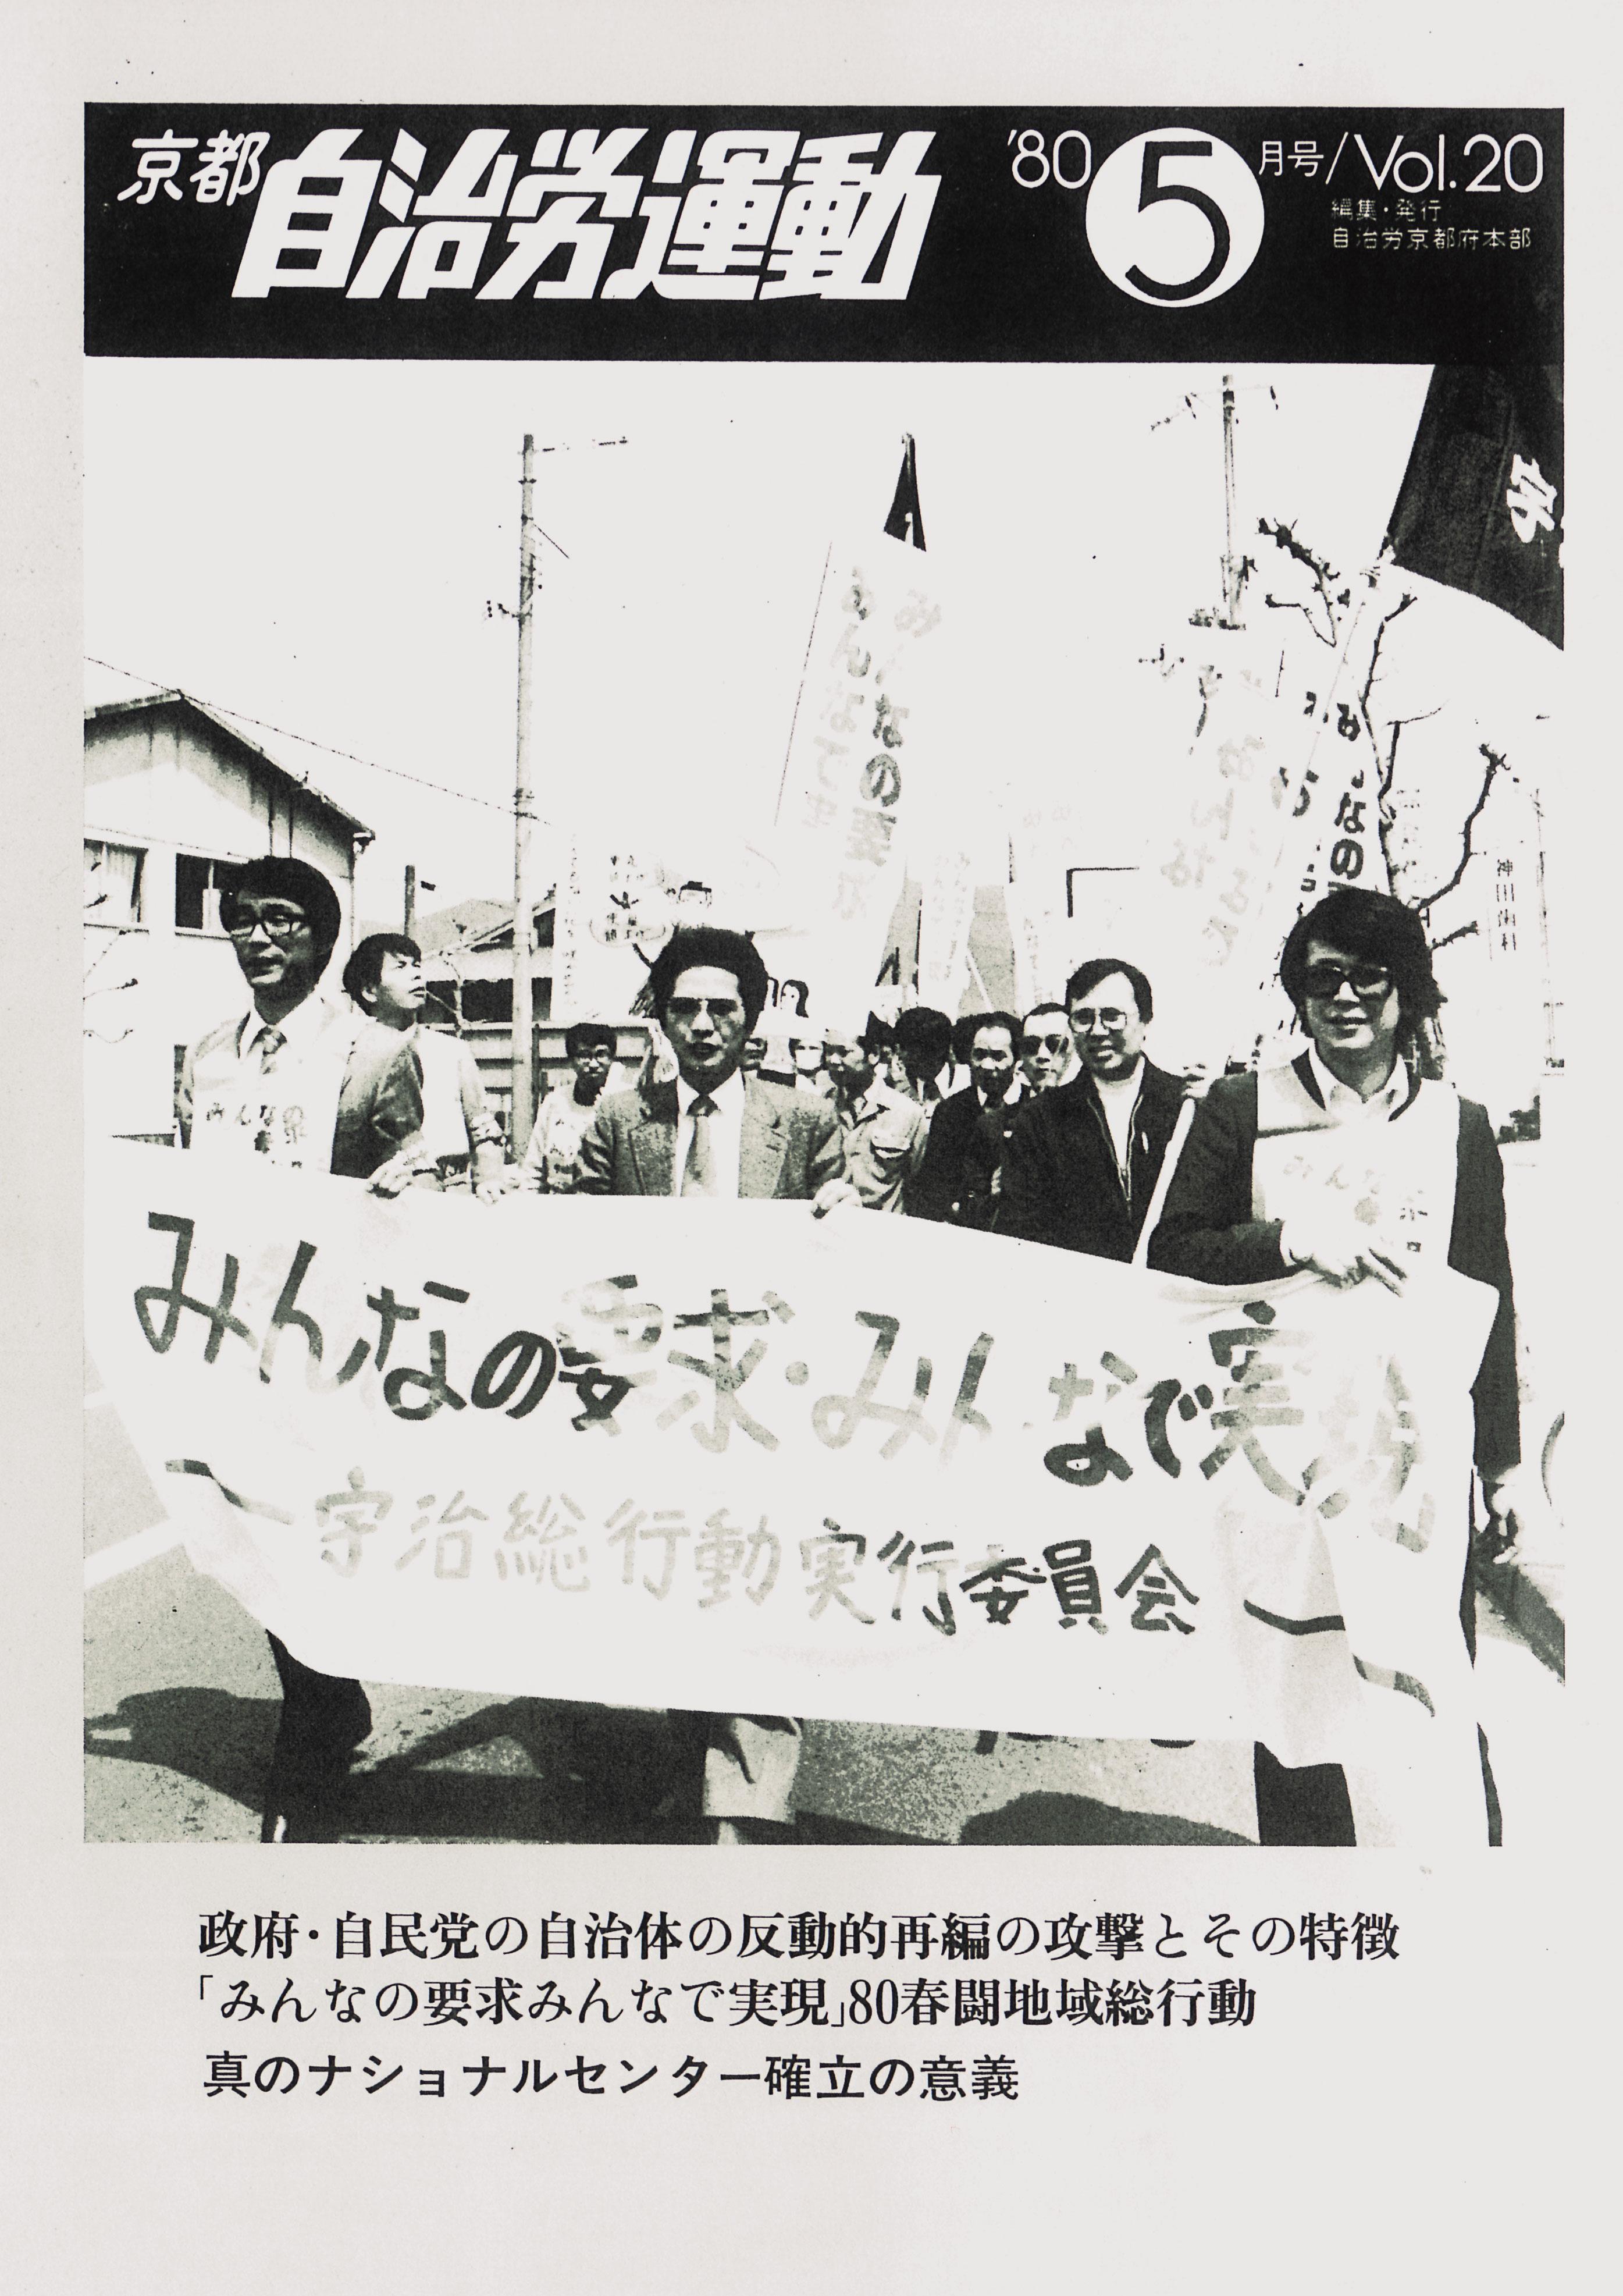 「京都自治労運動」誌